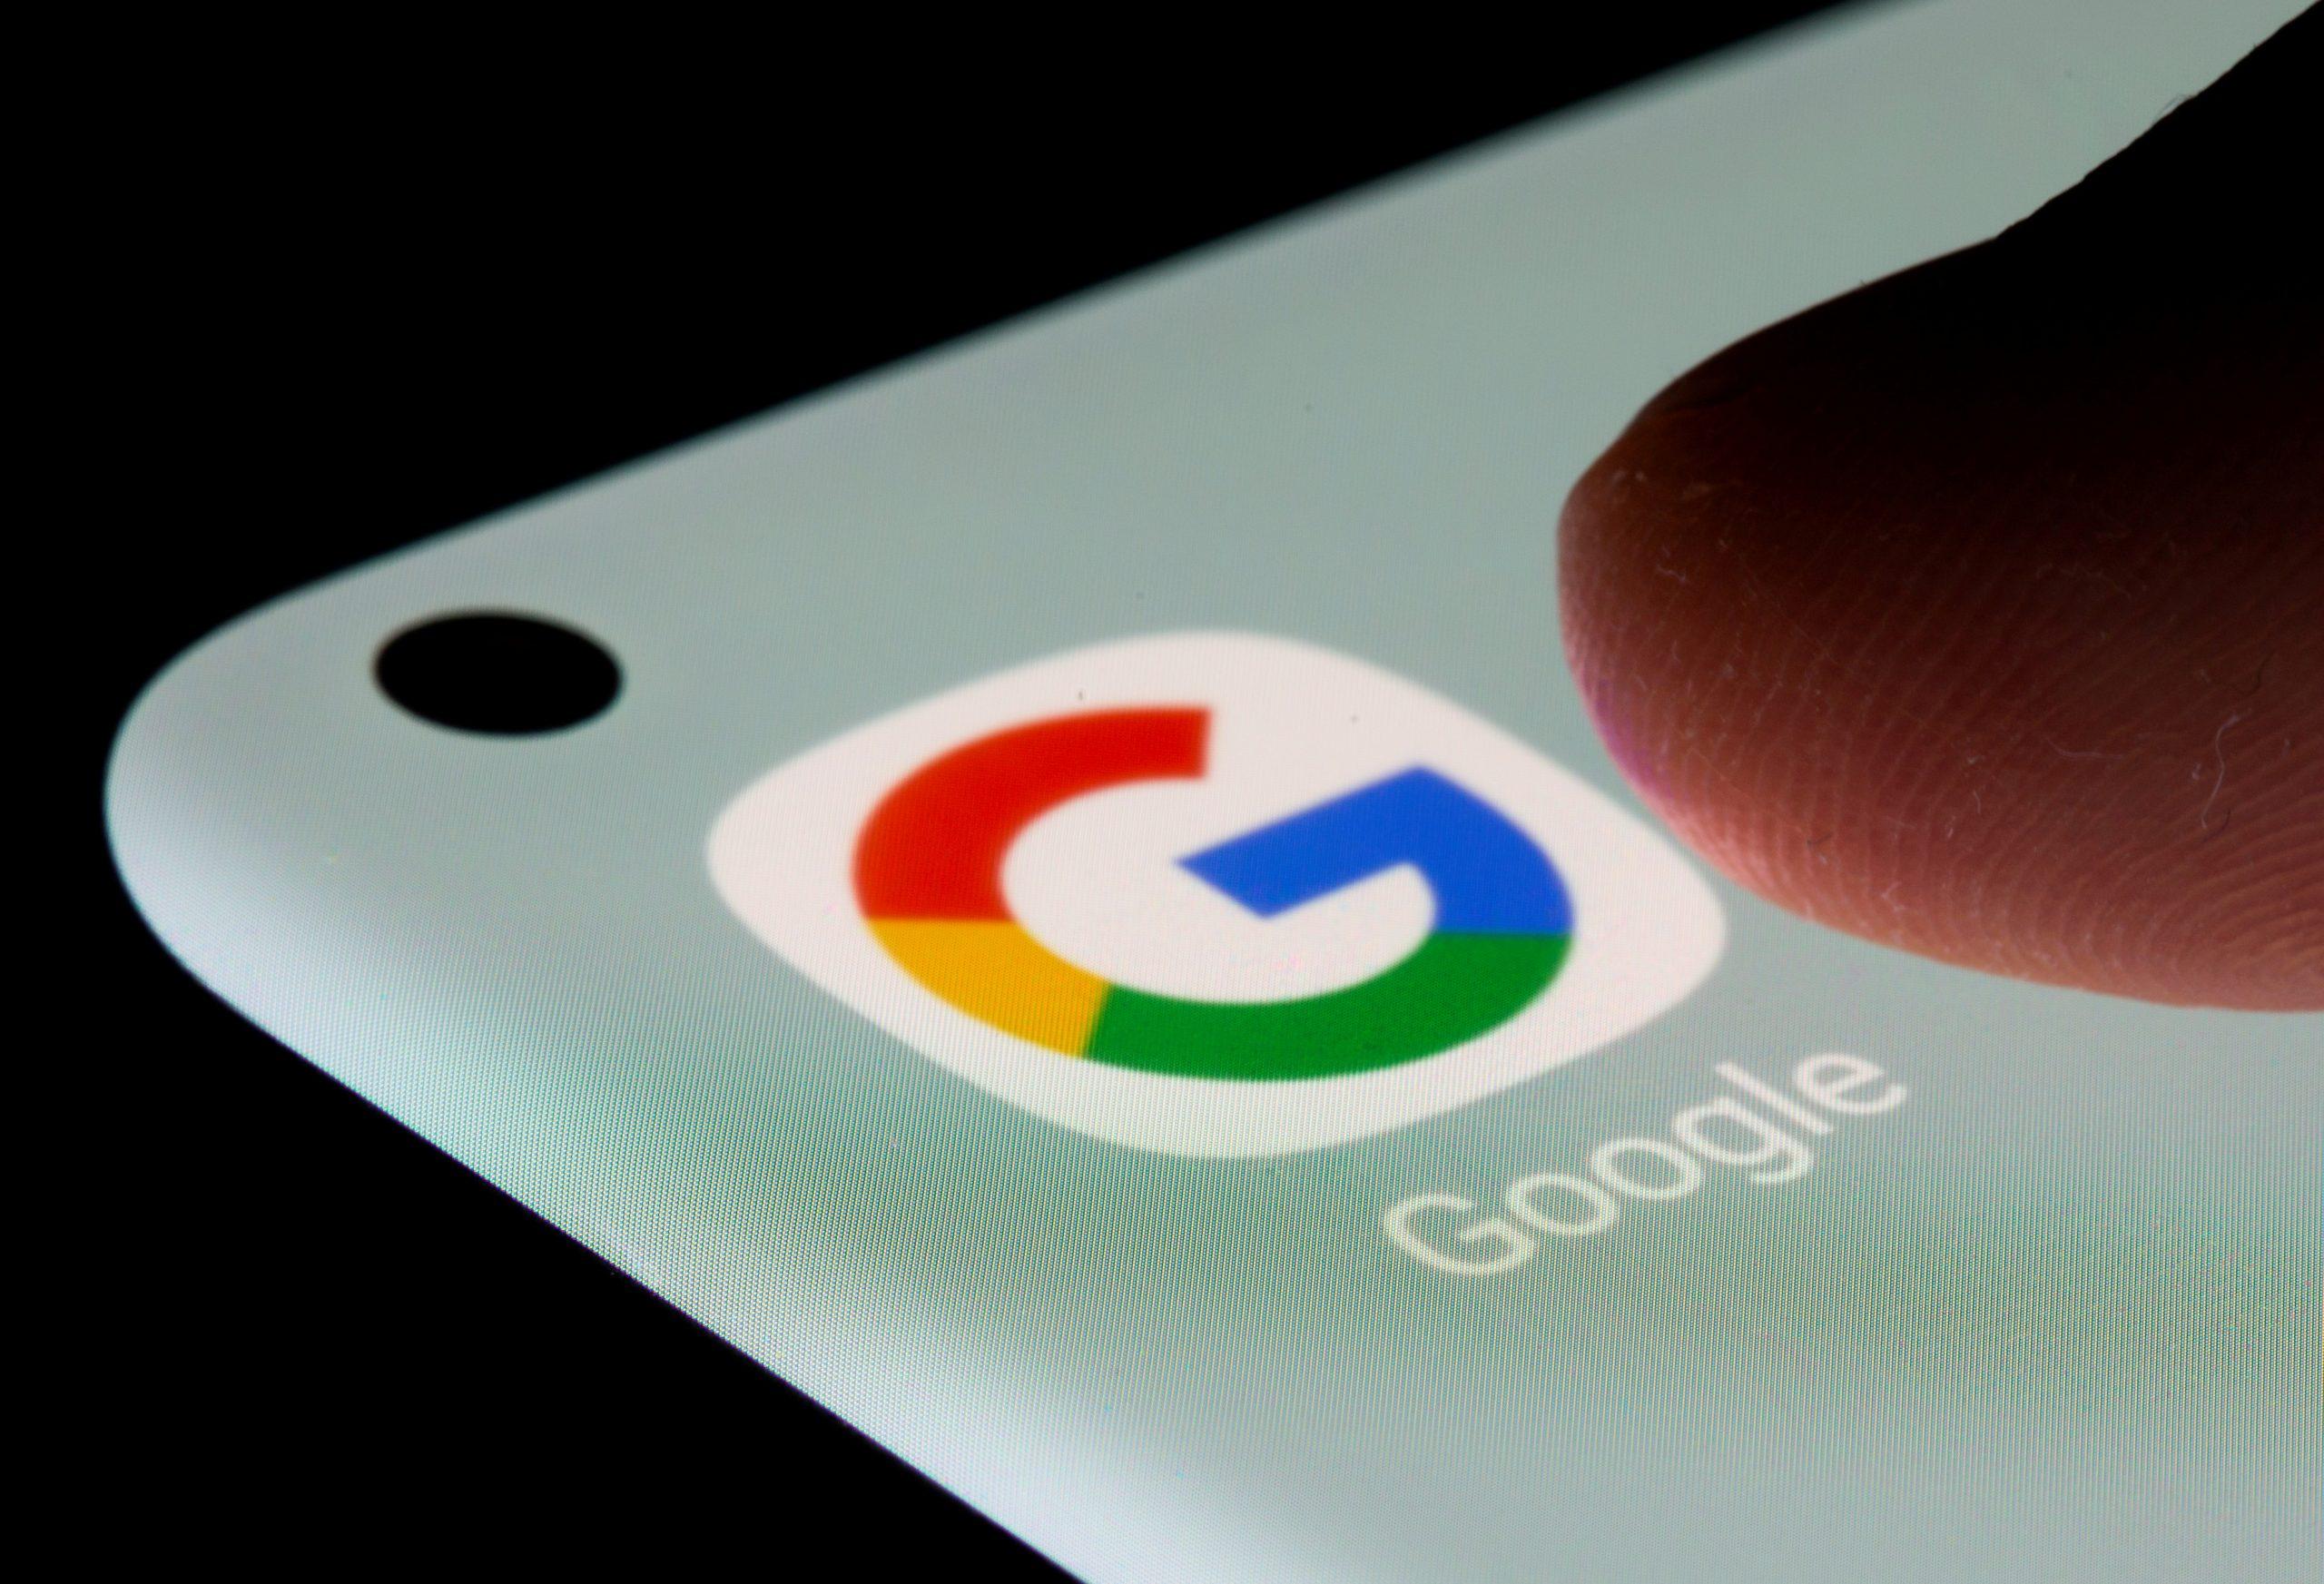 Поисковик Google внес ряд изменений для несовершеннолетних - Фото 1